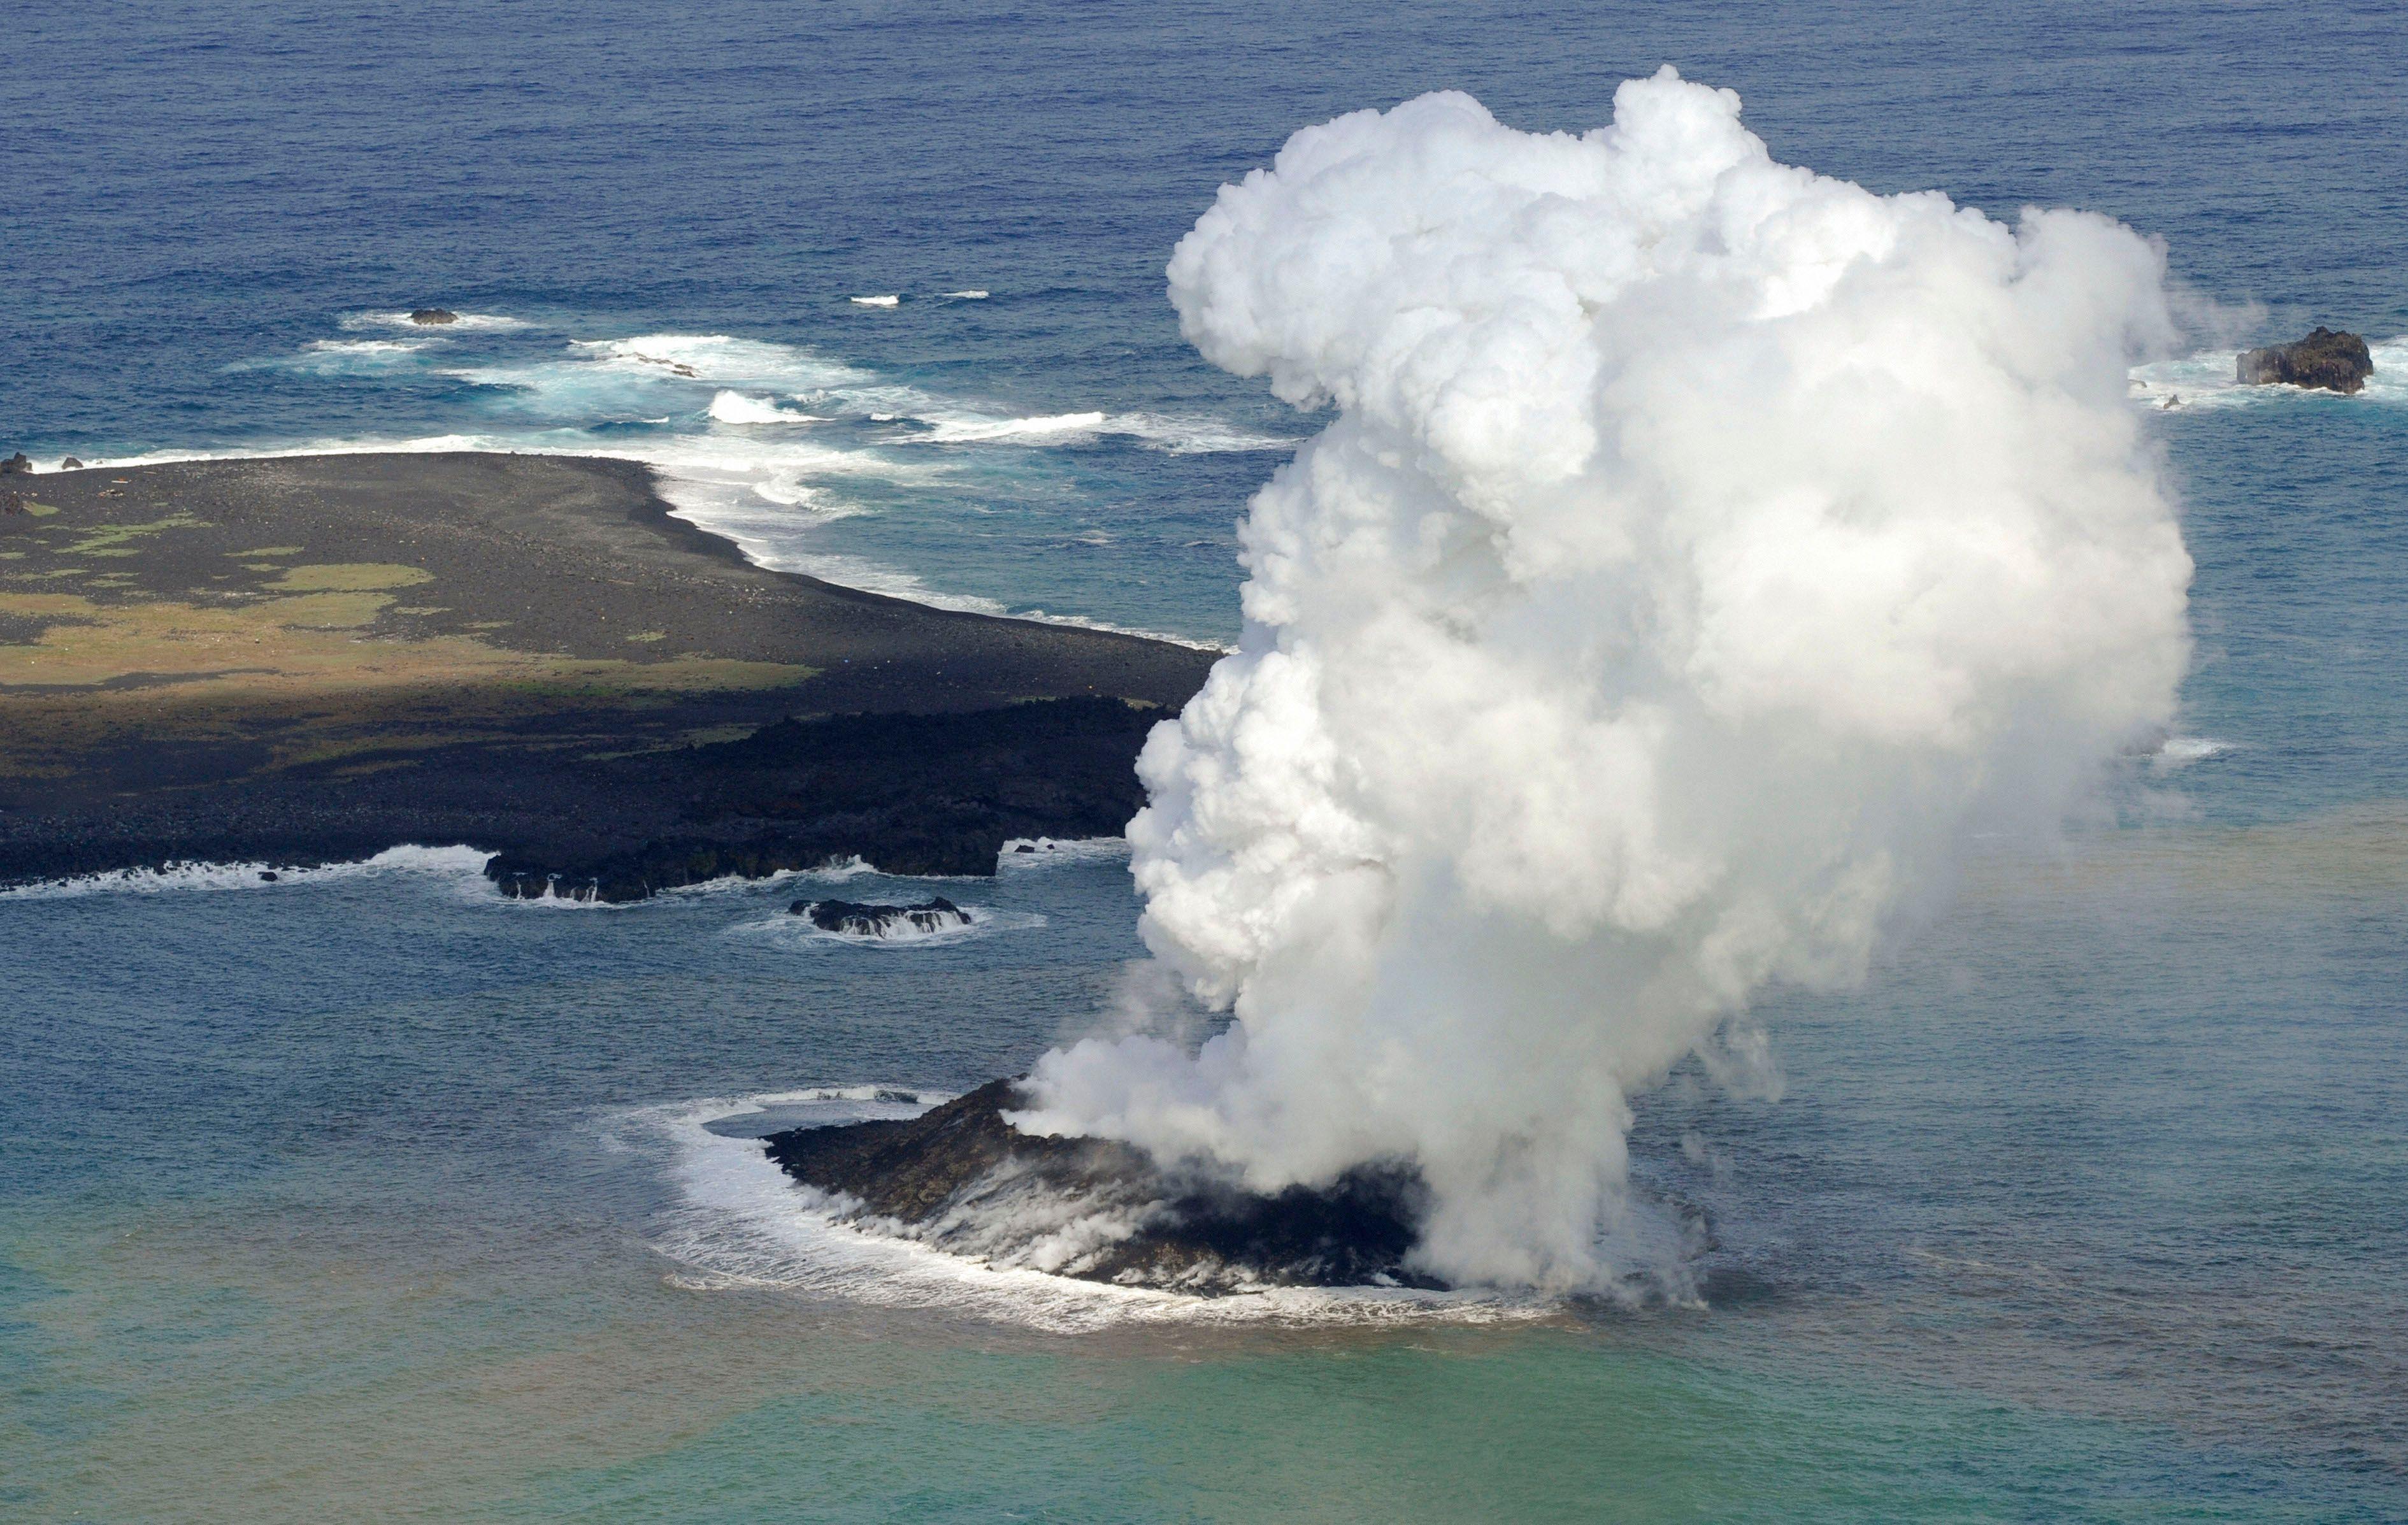 Japon : l'île volcanique apparue en 2013 sur le point de devenir un laboratoire naturel